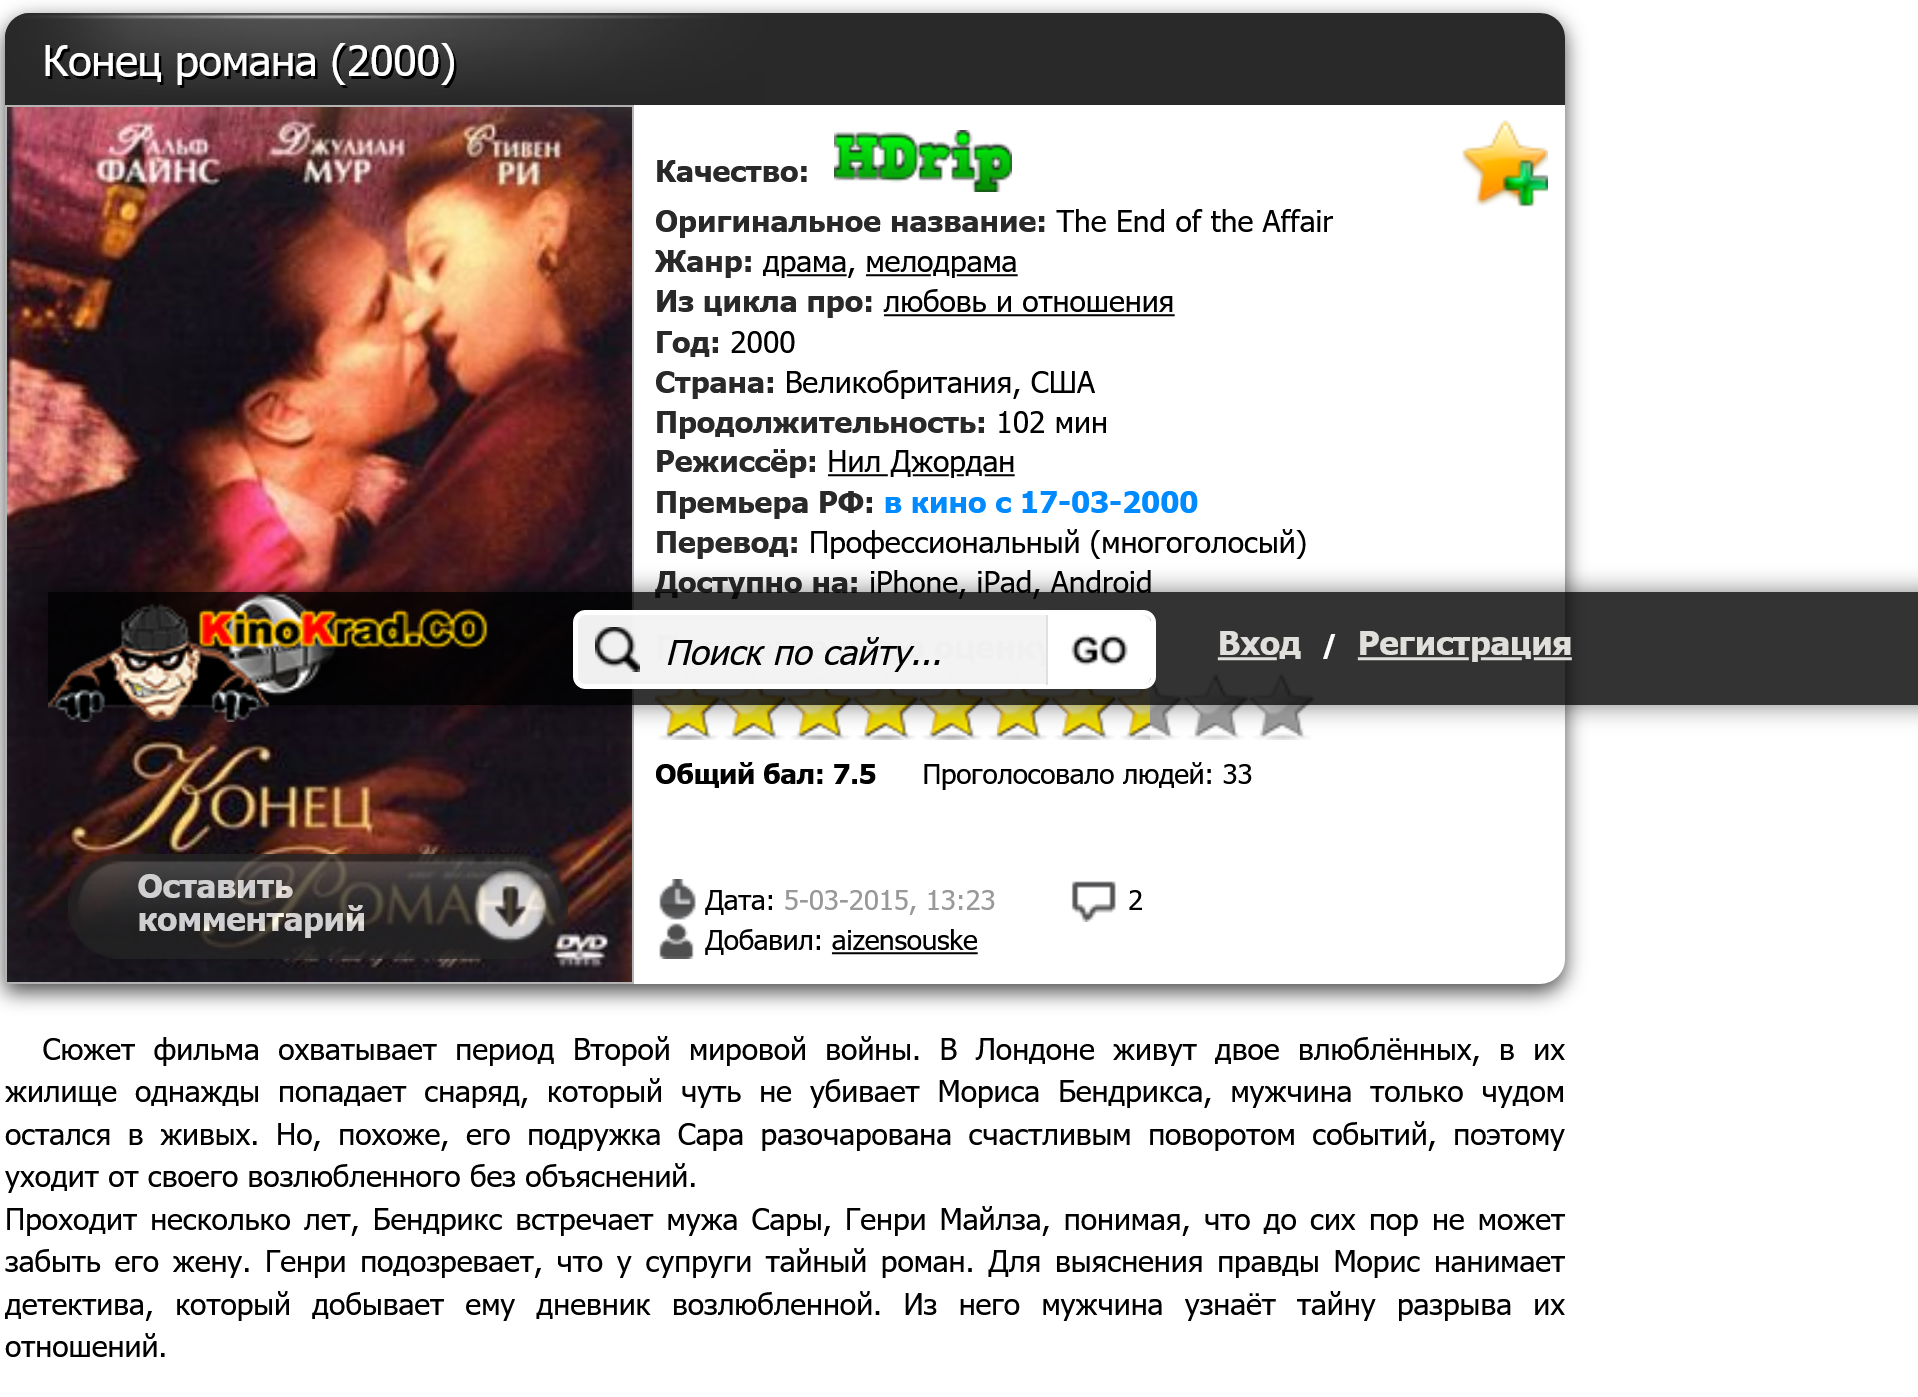 Screenshot 2021-10-22 at 18-59-56 Конец романа (2000).png